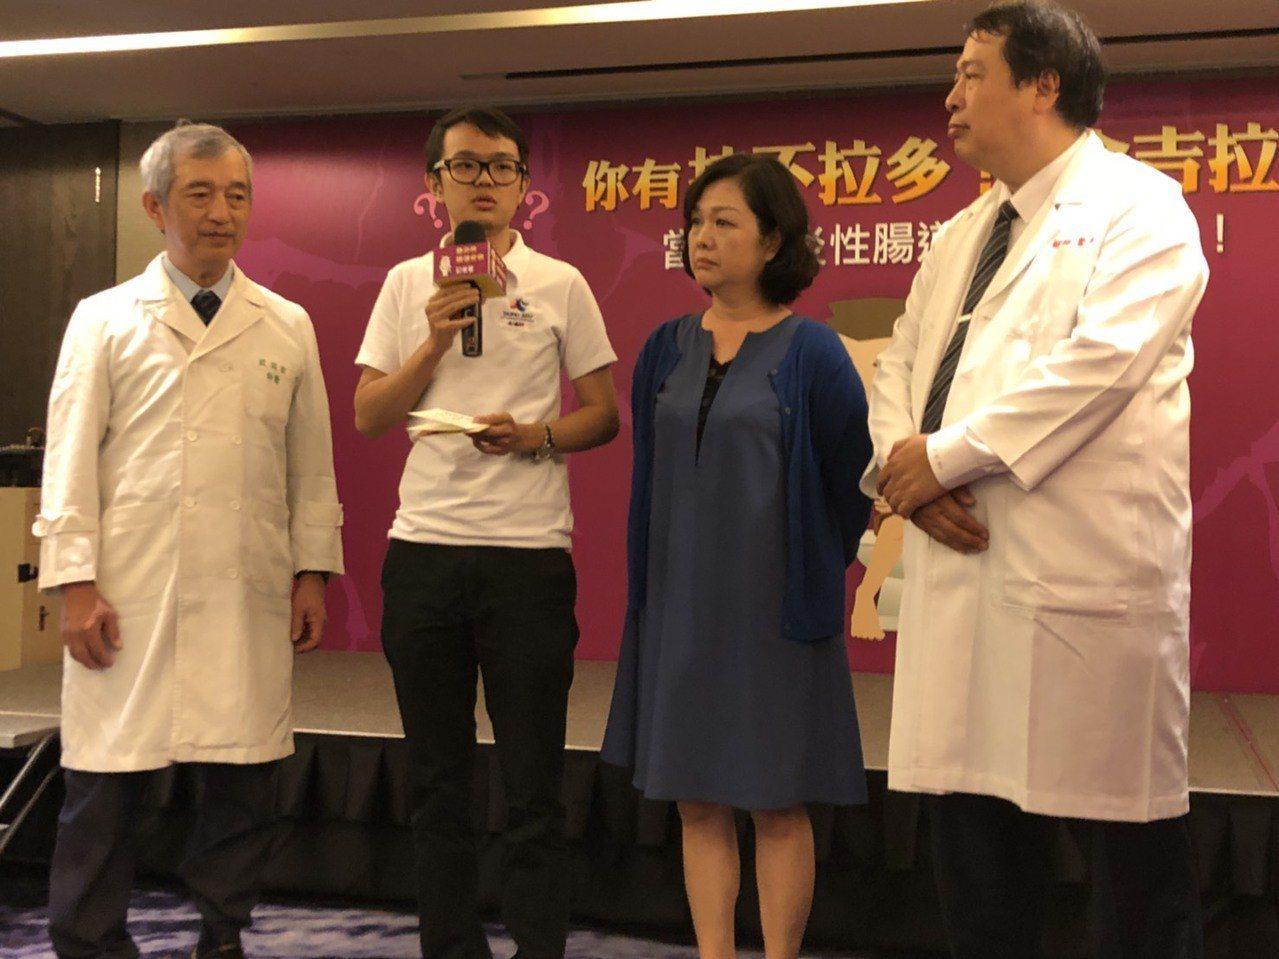 發炎性腸道疾病患者郭先生(左二)自小發病,一度生不如死。醫師建議,如有貧血、發燒...